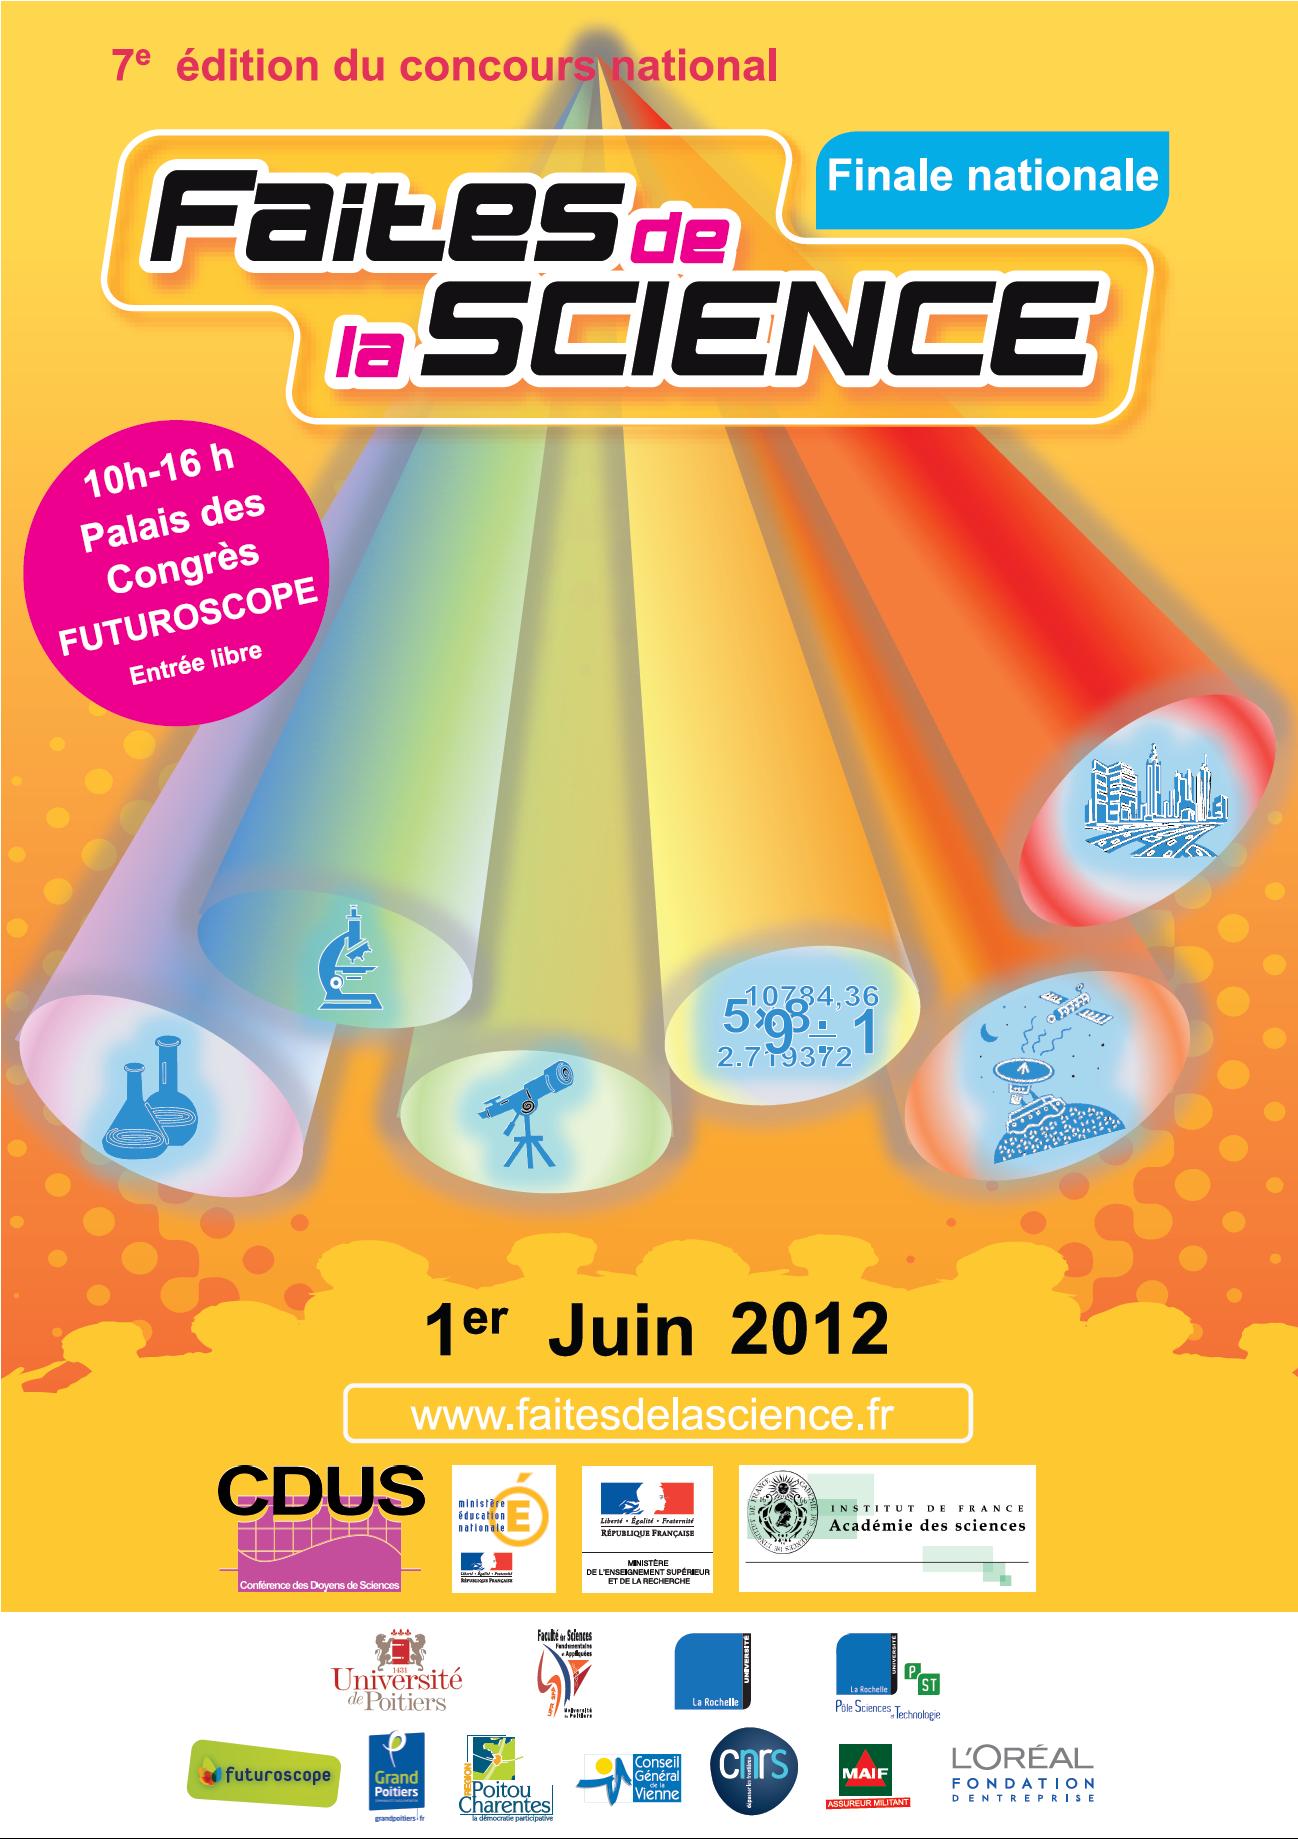 Finale nationale du concours Faites de la sciences